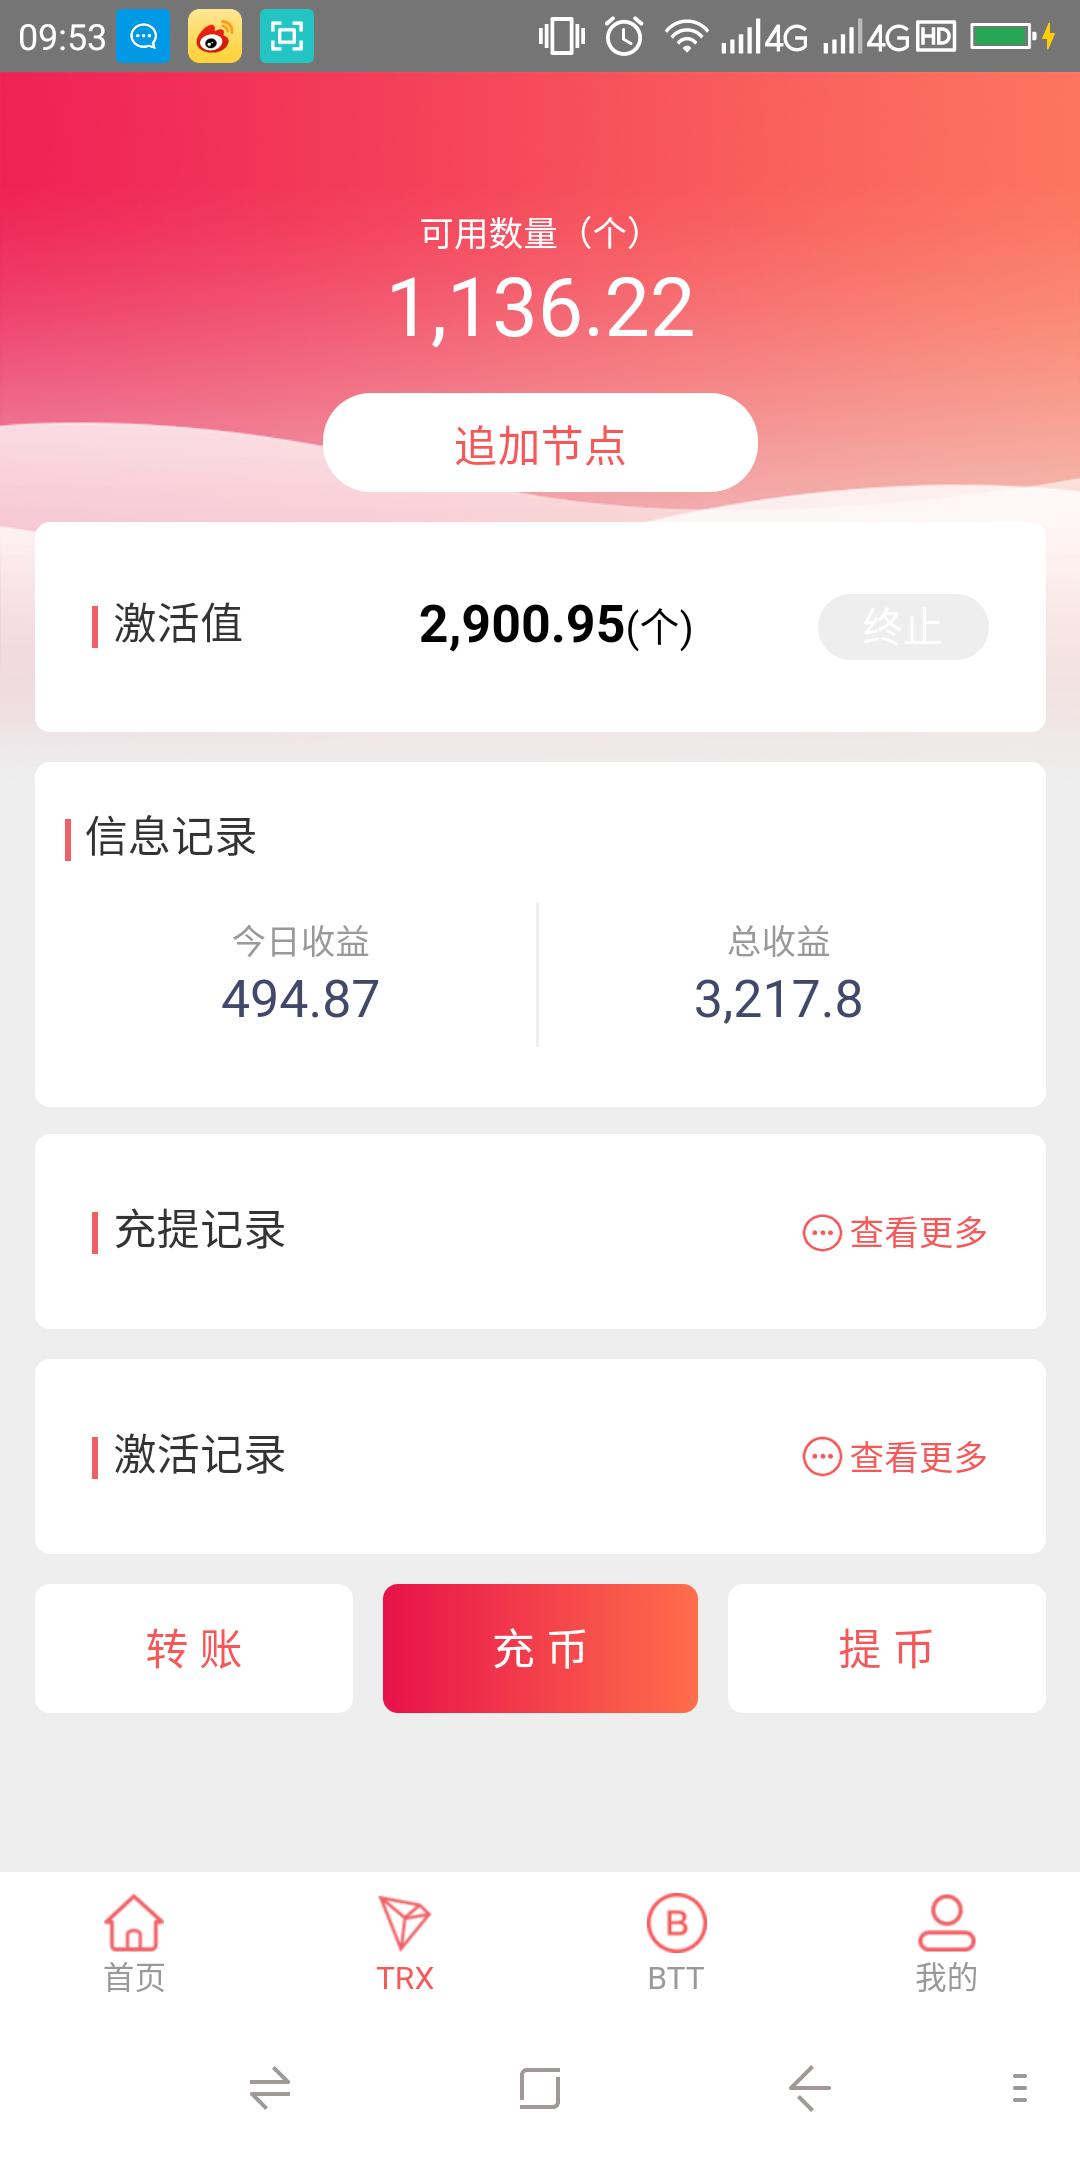 波场创始人孙宇晨将与巴菲特共进午餐,注册超级社区可赚TRX